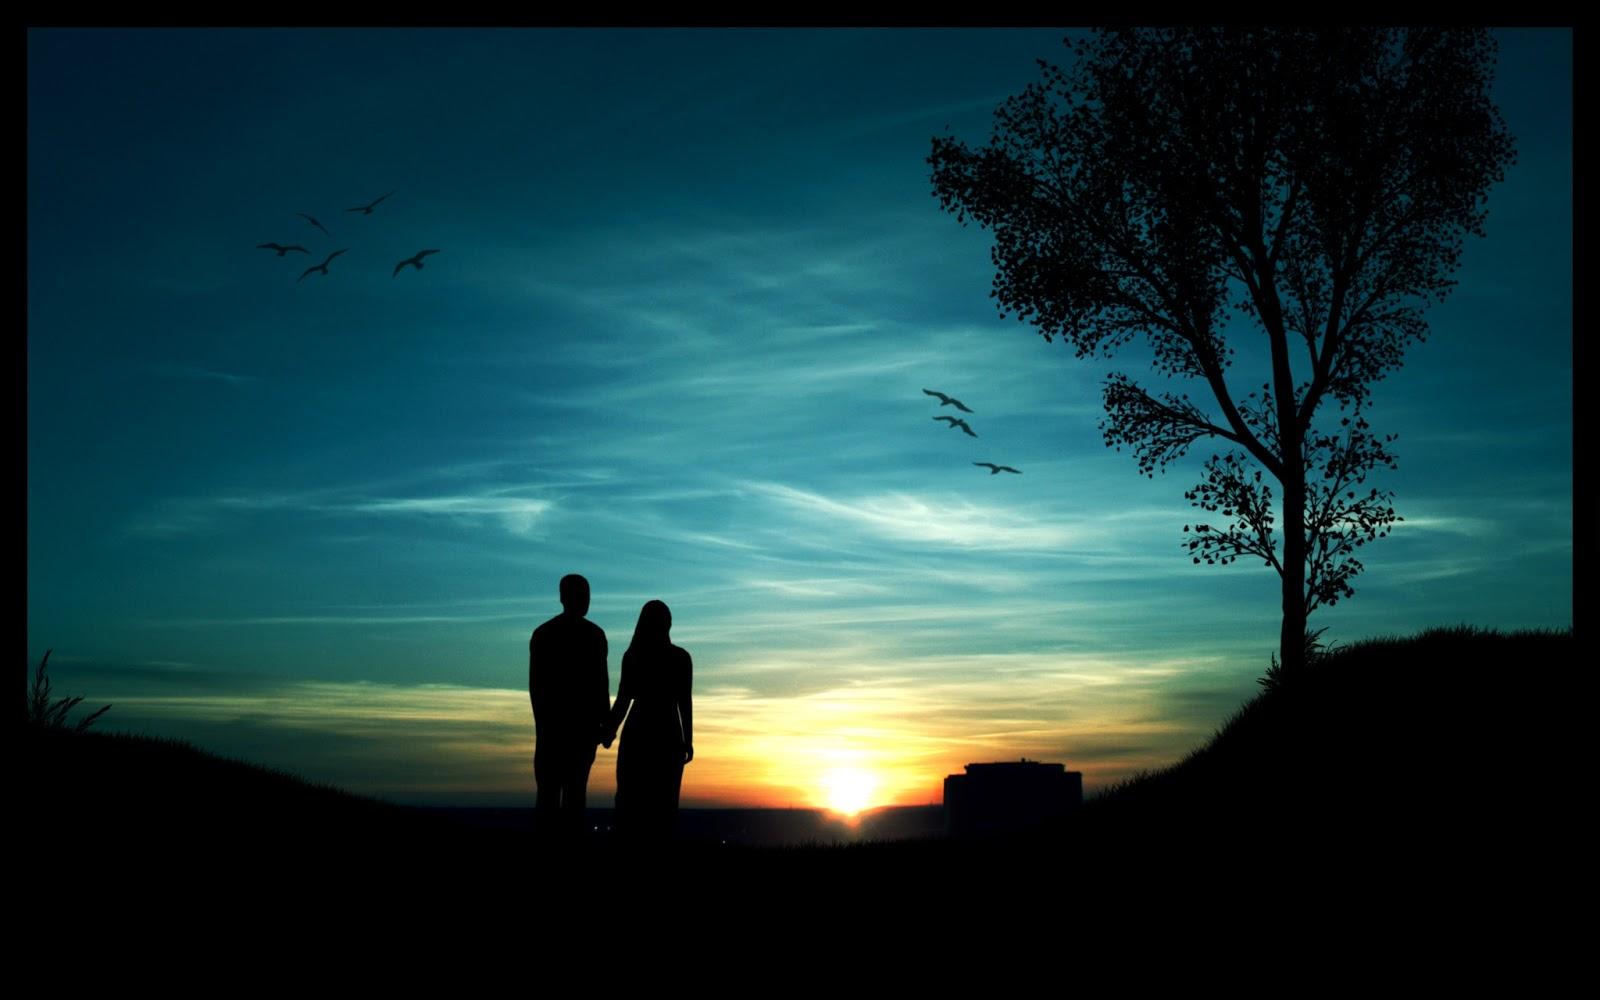 http://2.bp.blogspot.com/-O02ScRFBslc/UOqXE_YoPzI/AAAAAAAADtk/_jeECyAQofw/s1600/love_with_you-wide.jpg